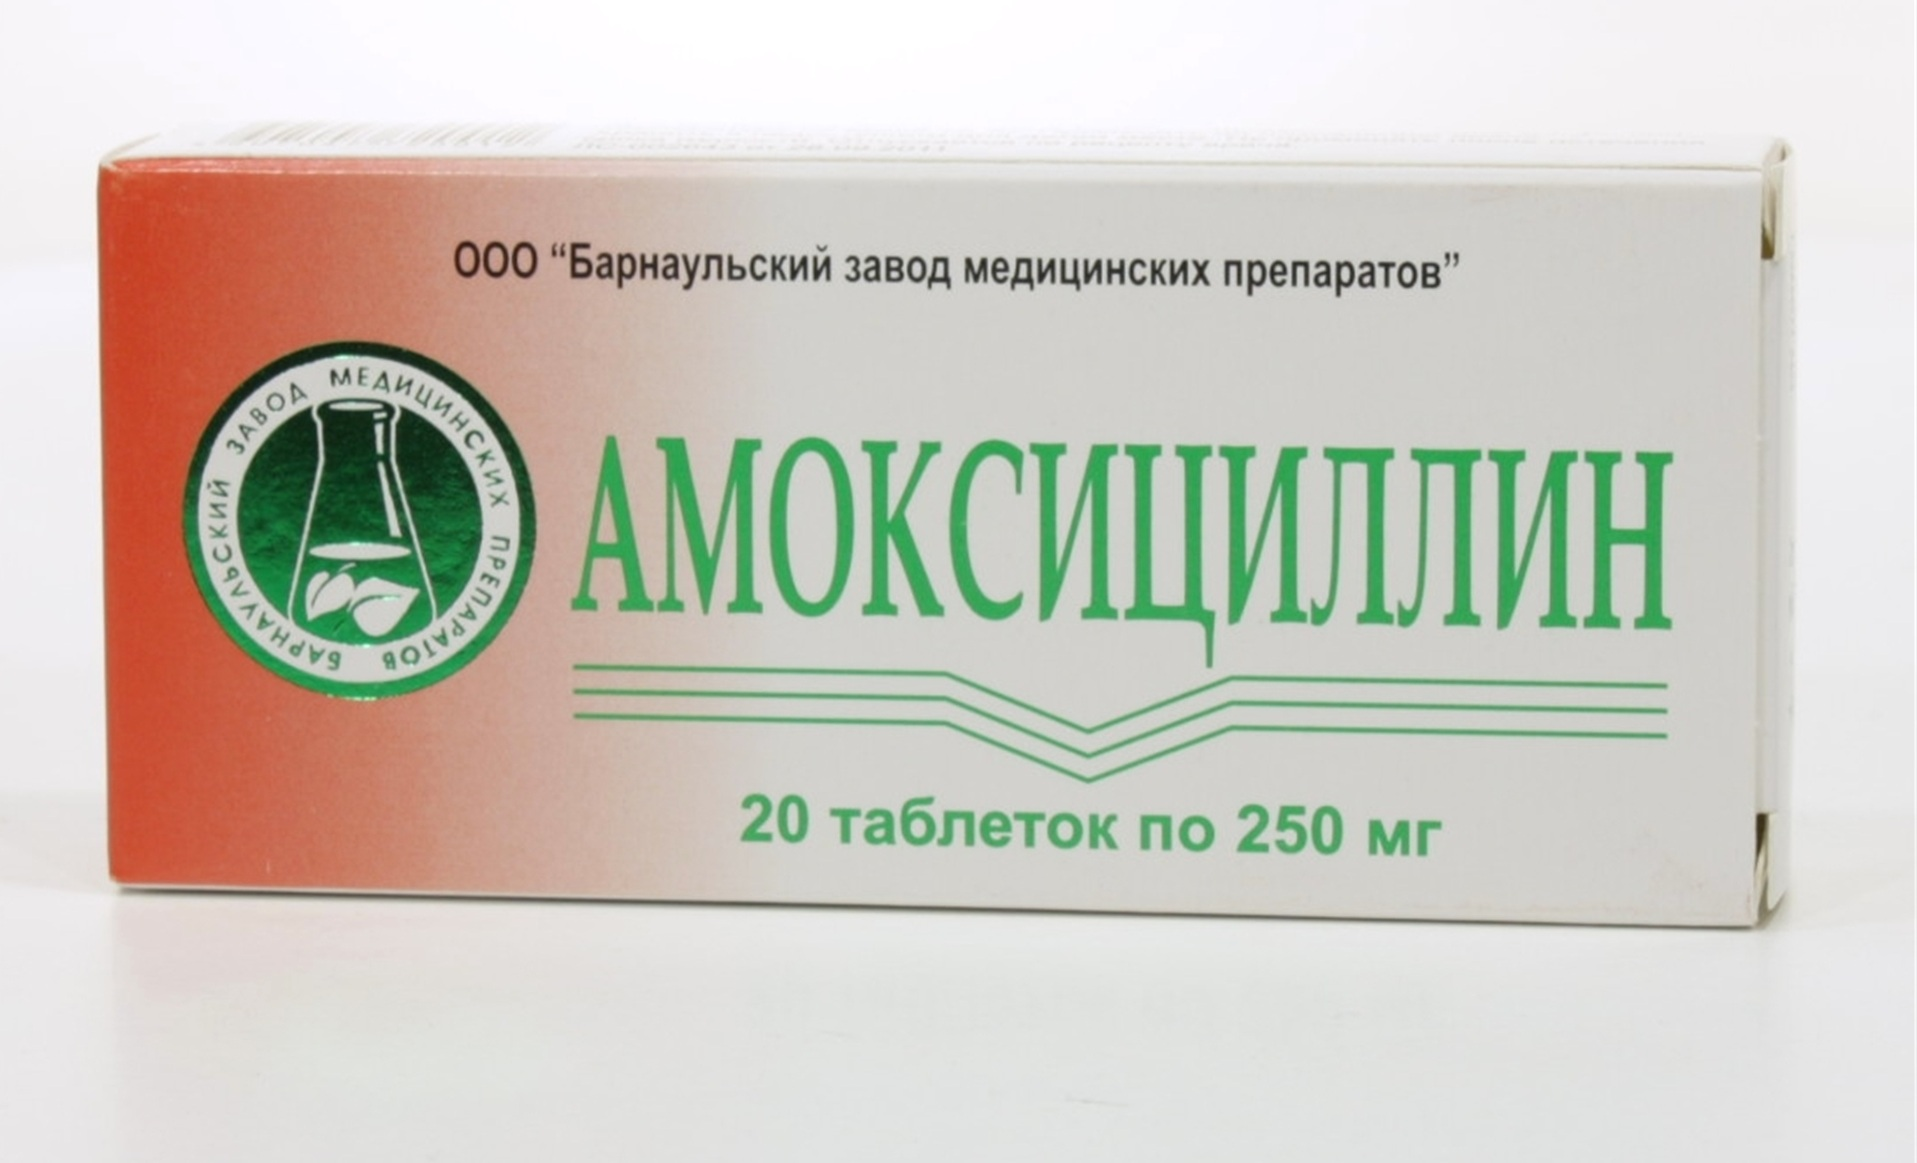 Насколько сохранена эффективность амоксициллина на сегодняшний день?